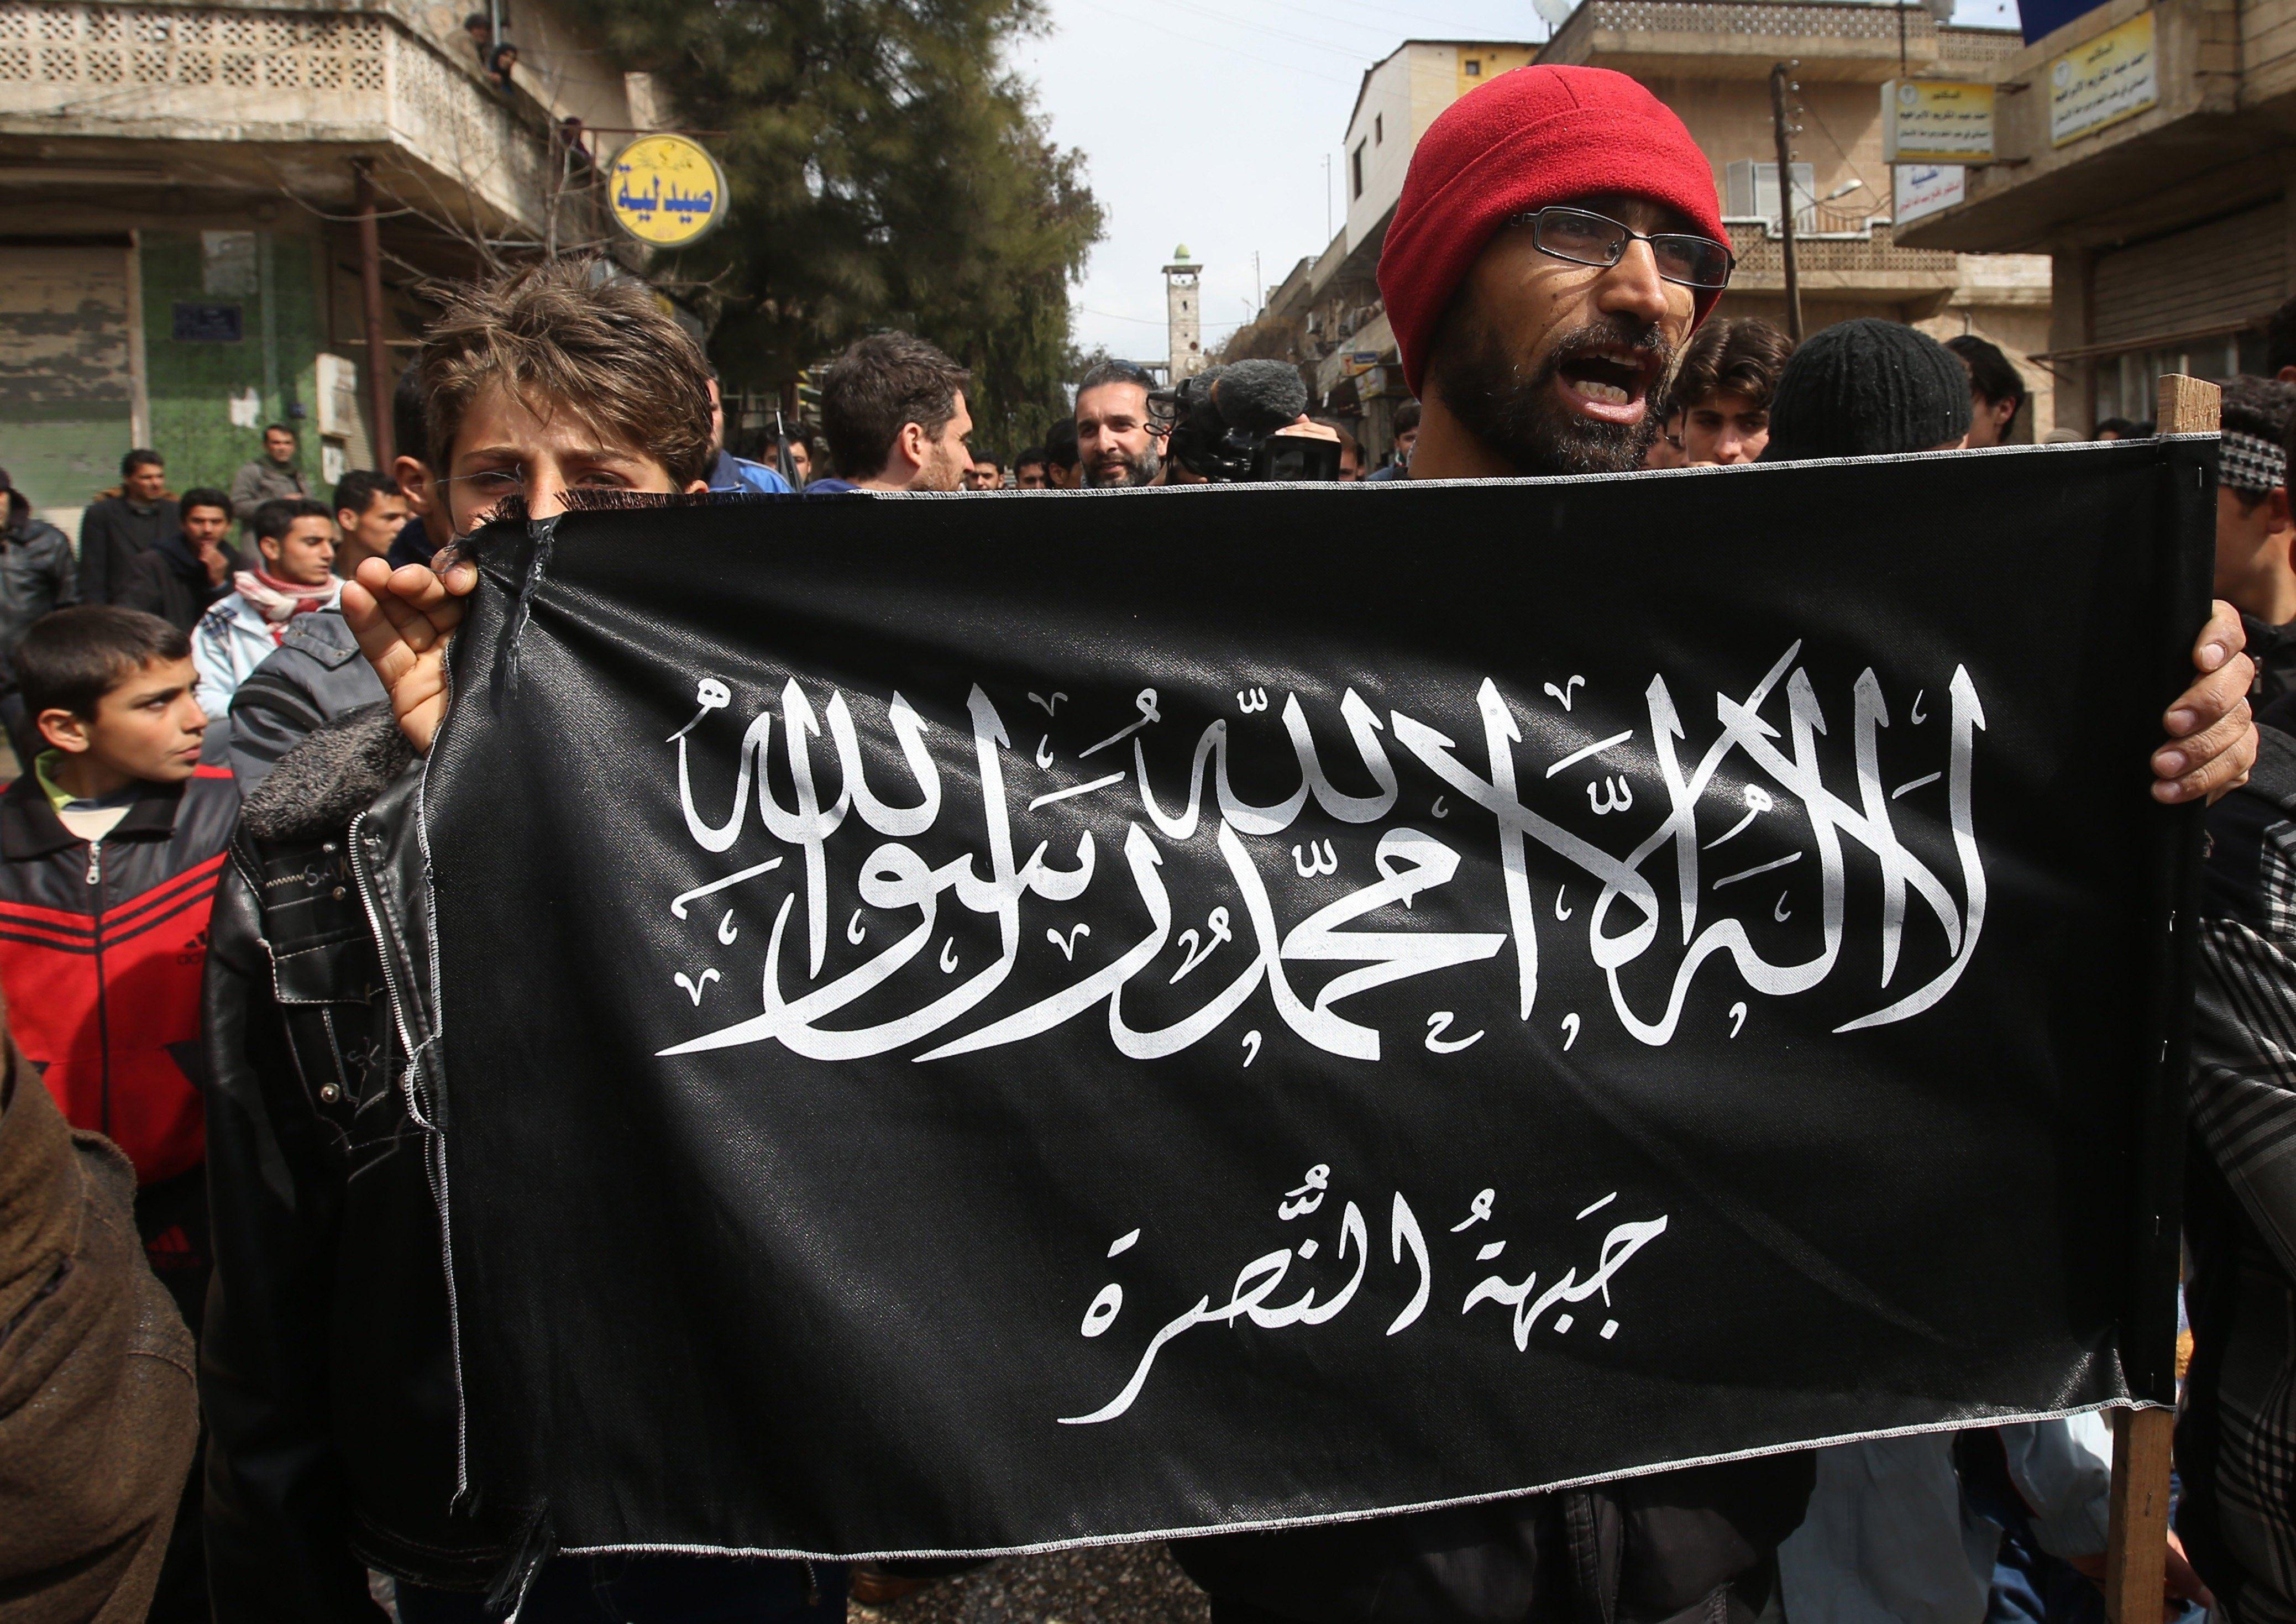 одном помещений фото флаги аль каиды условий суровой эксплуатации